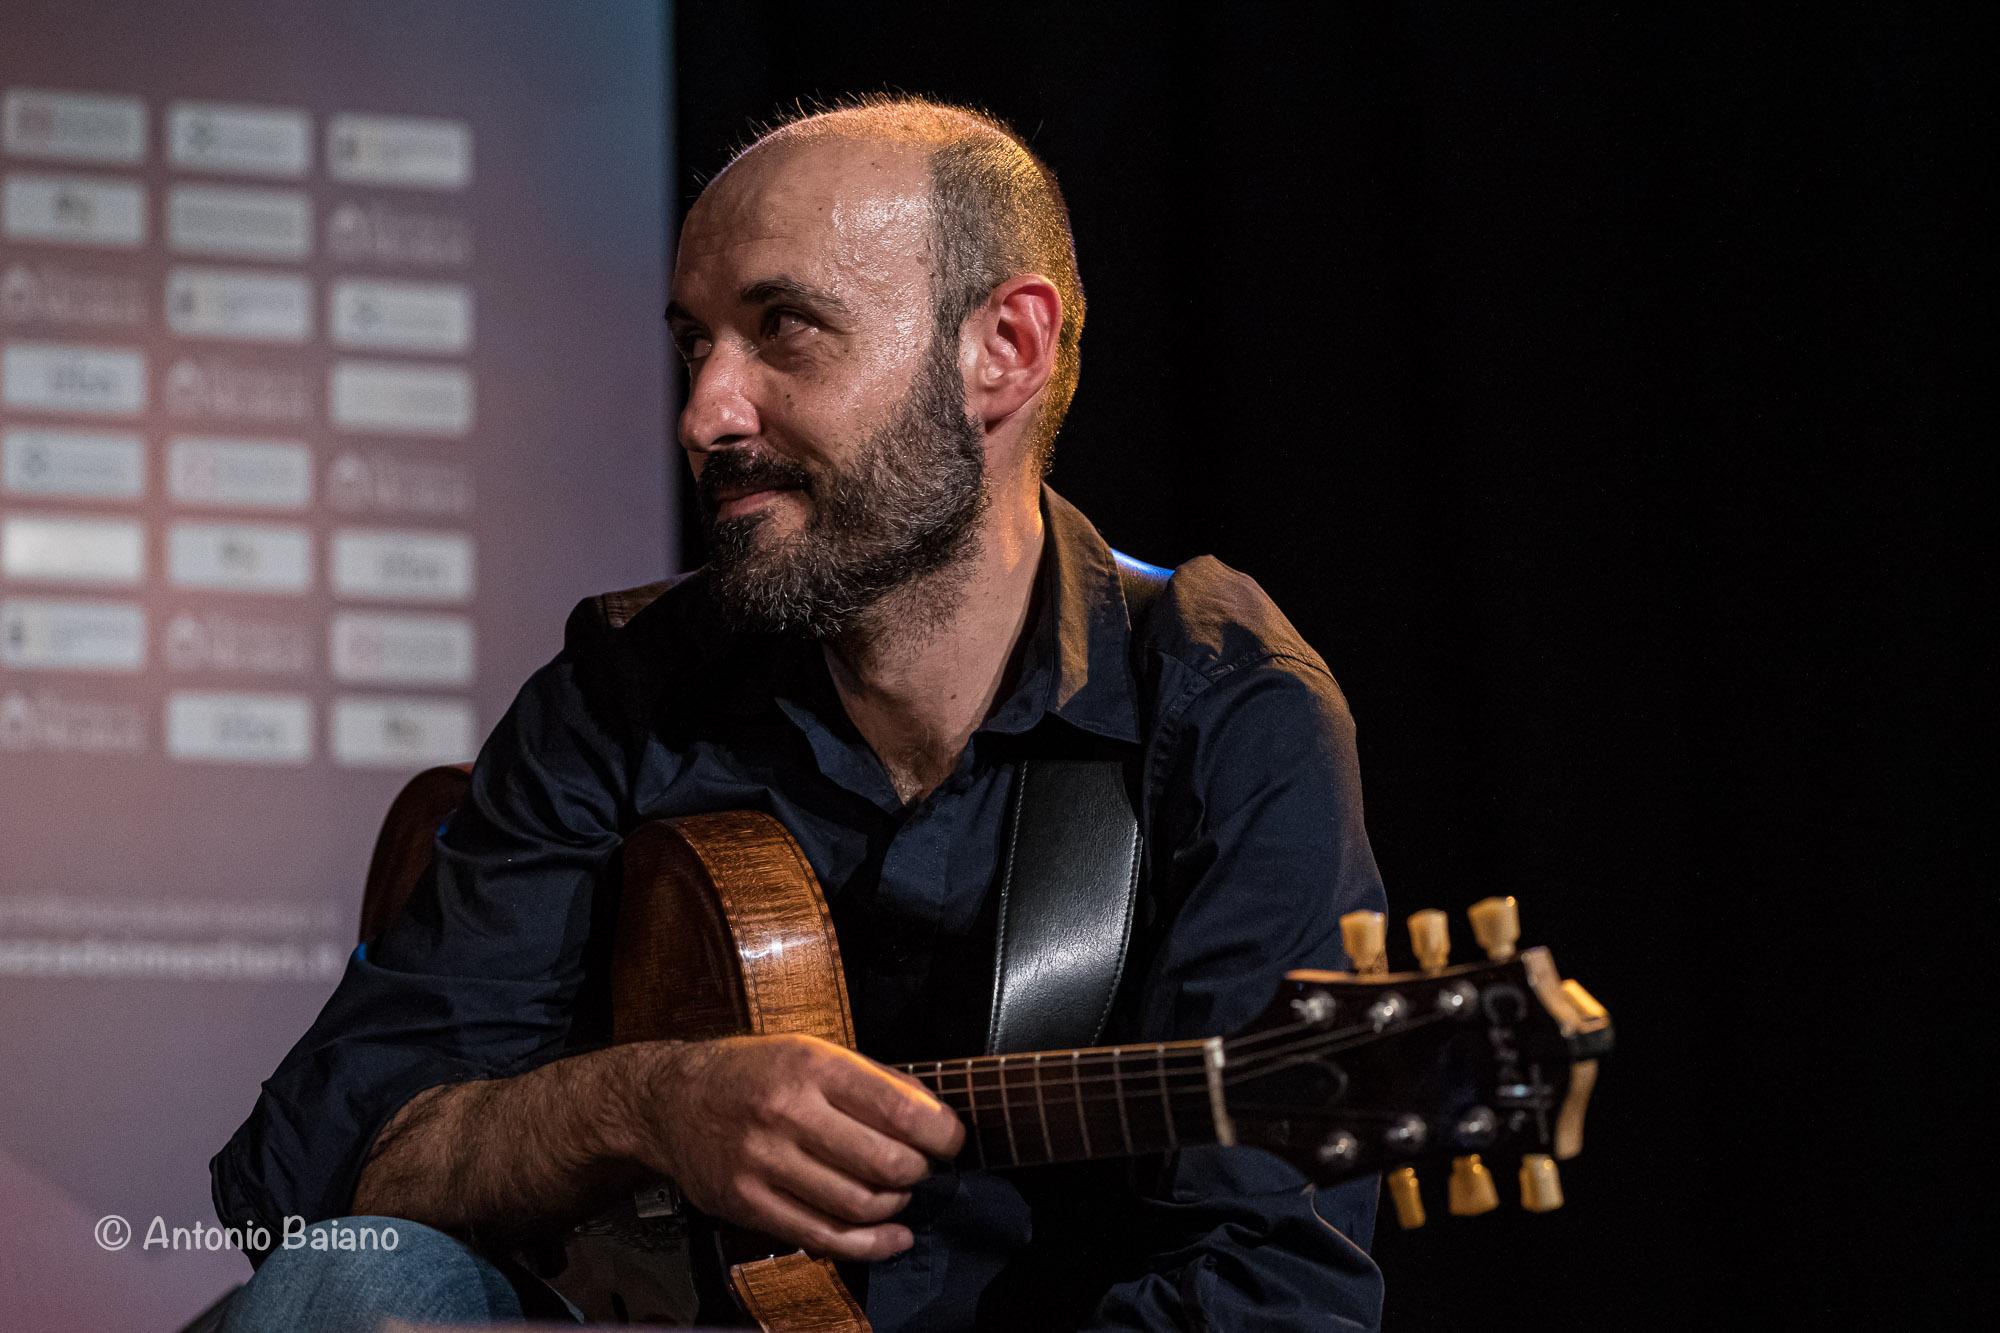 Alessandro Chiappetta